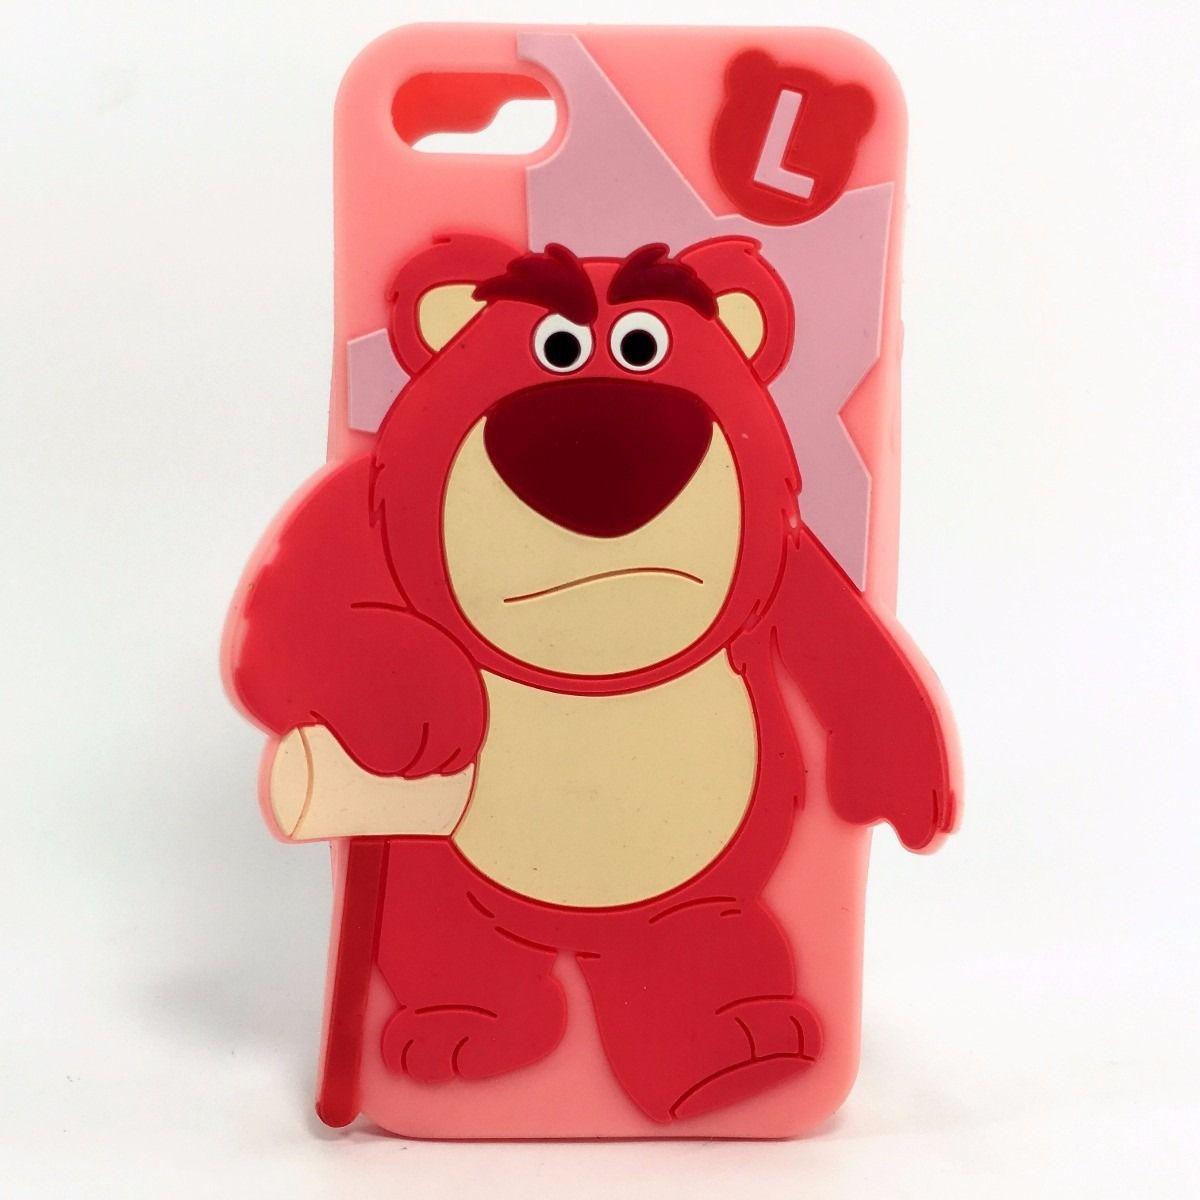 3872cd5155c Funda Silicon Iphone 6 6s Oso Lotso Goma Suave - $ 159.99 en MercadoLibre